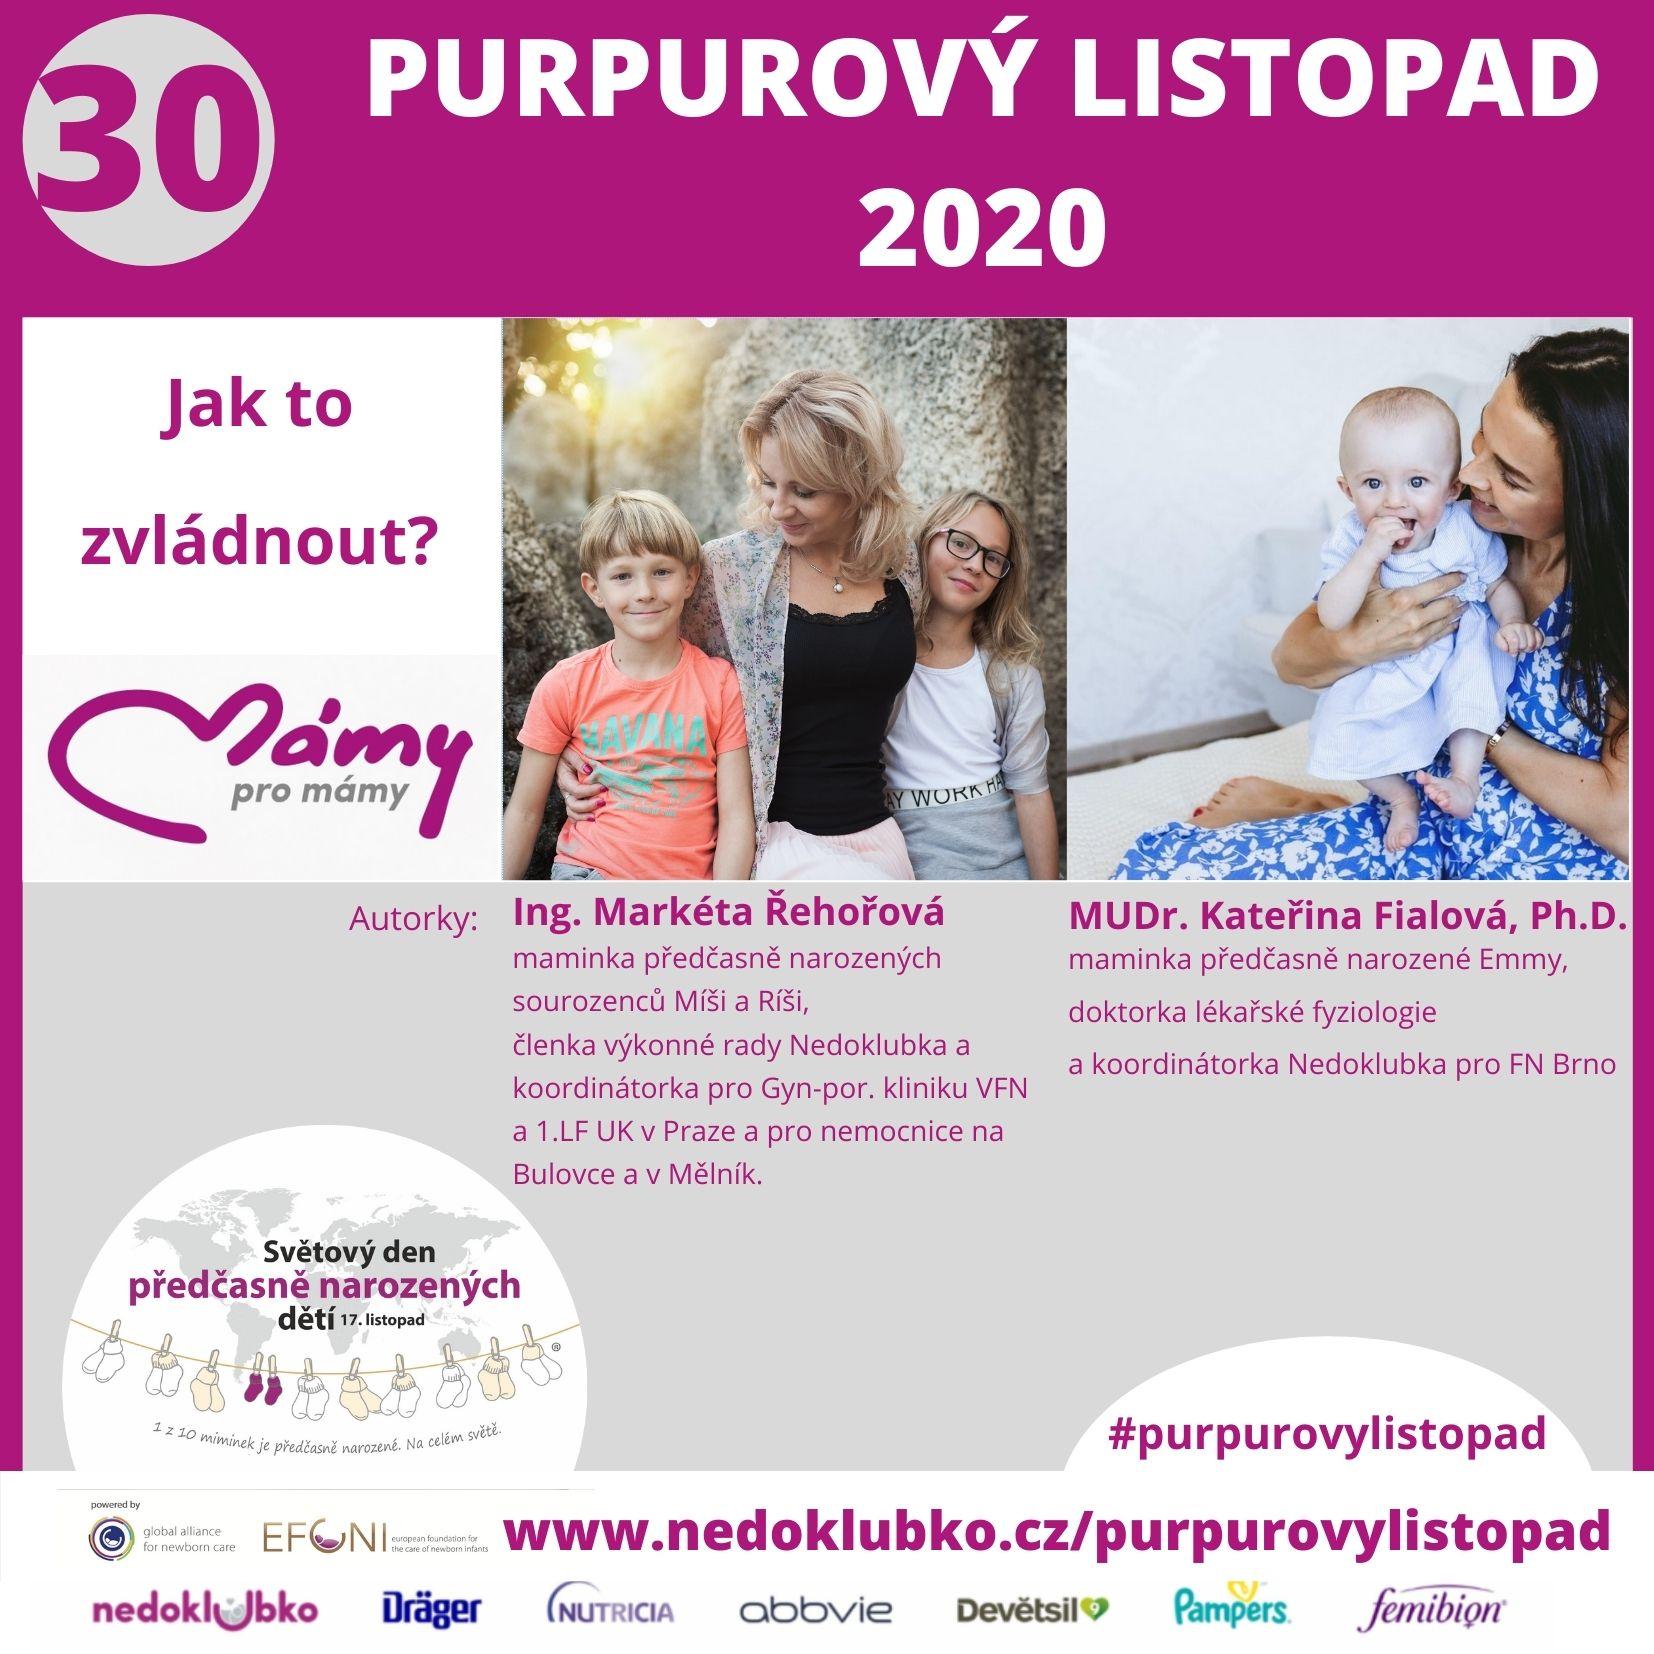 Purpurovy-listopad30